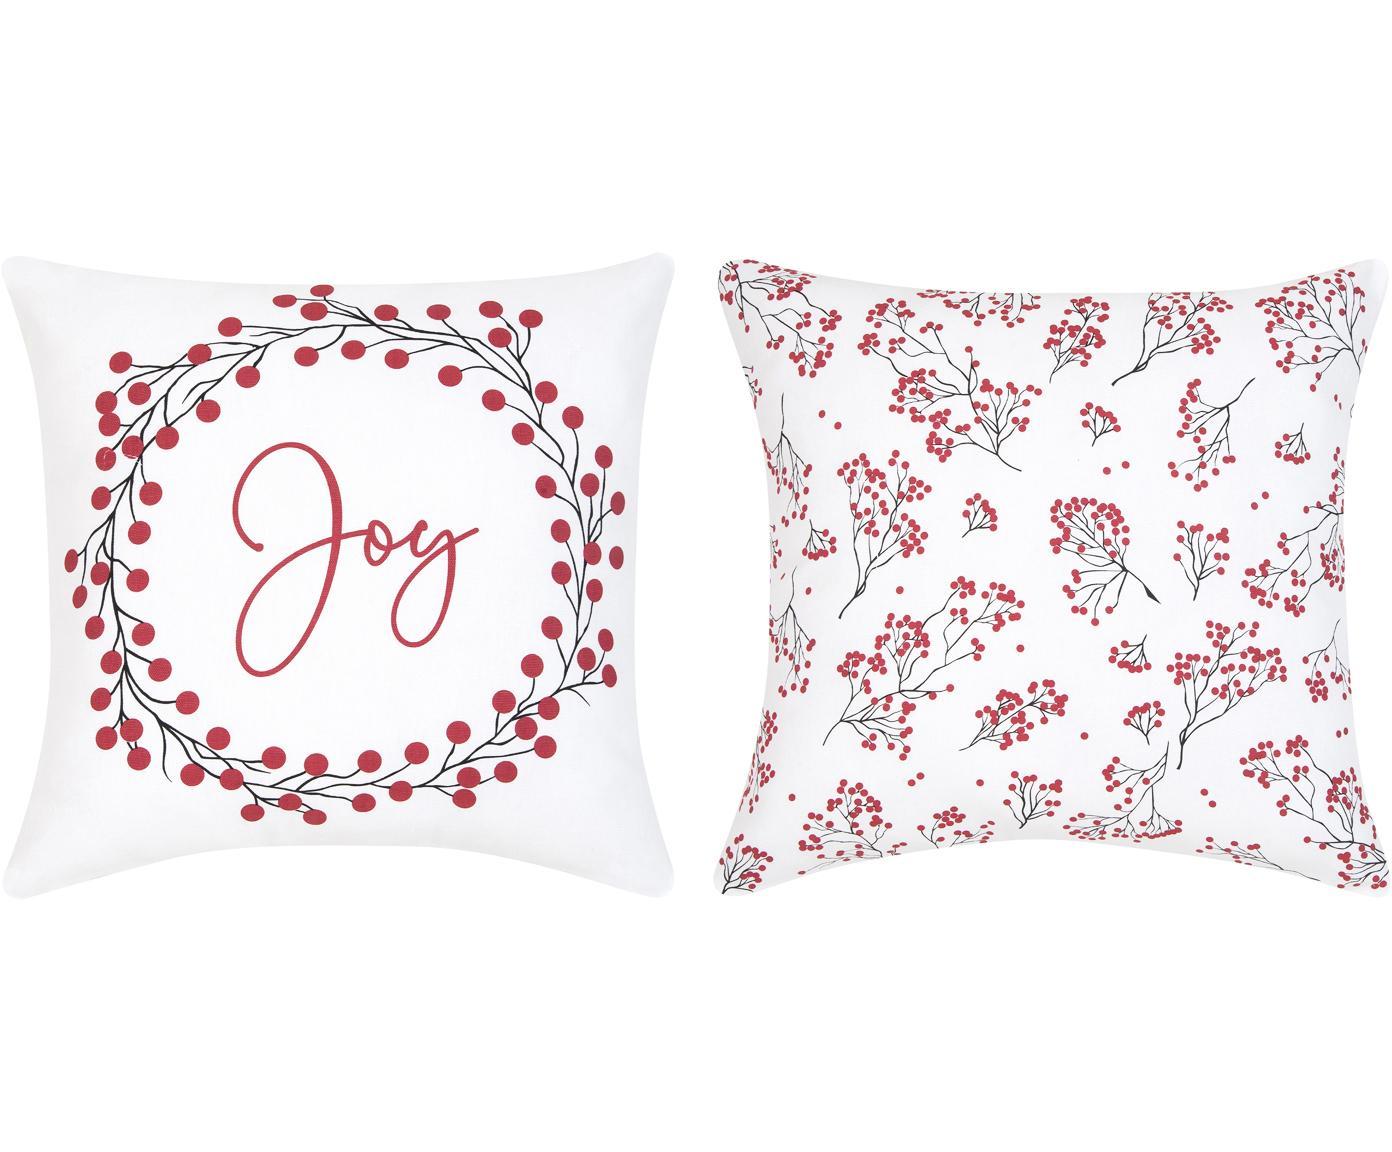 Komplet poszewek na poduszkę Joy, 2 elem., Bawełna, Czerwony, biały, czarny, S 40 x D 40 cm